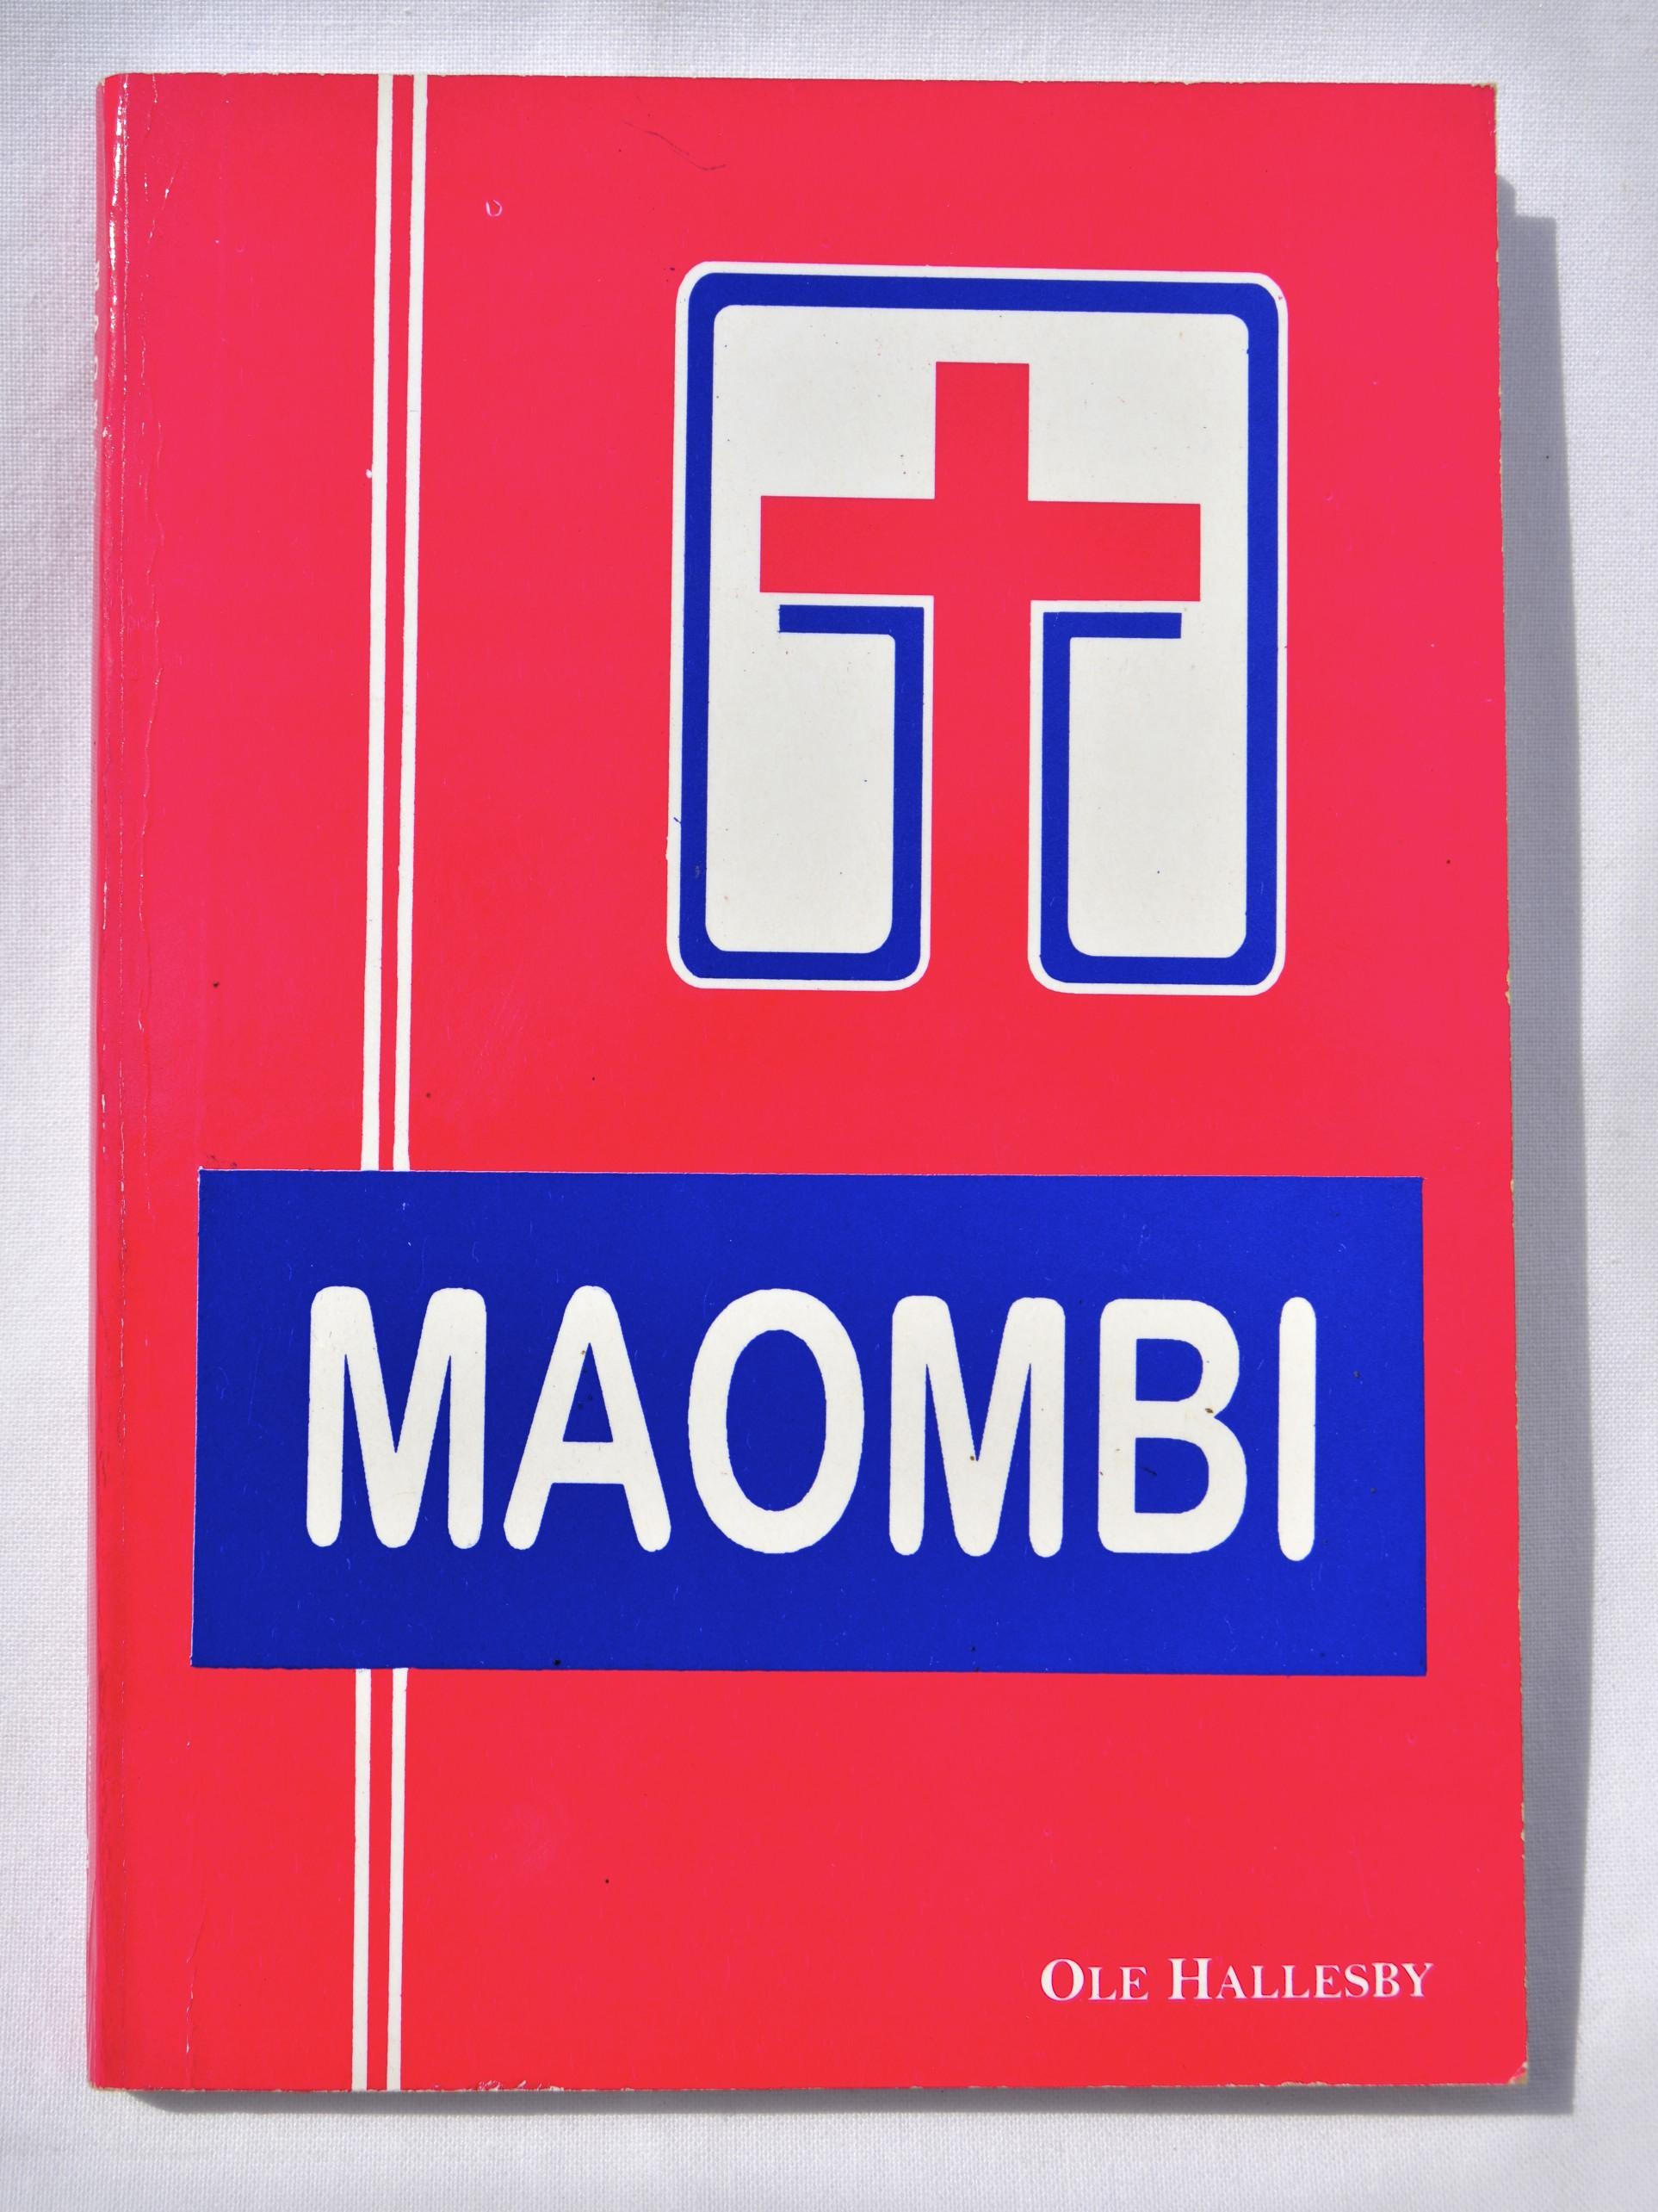 Maombi